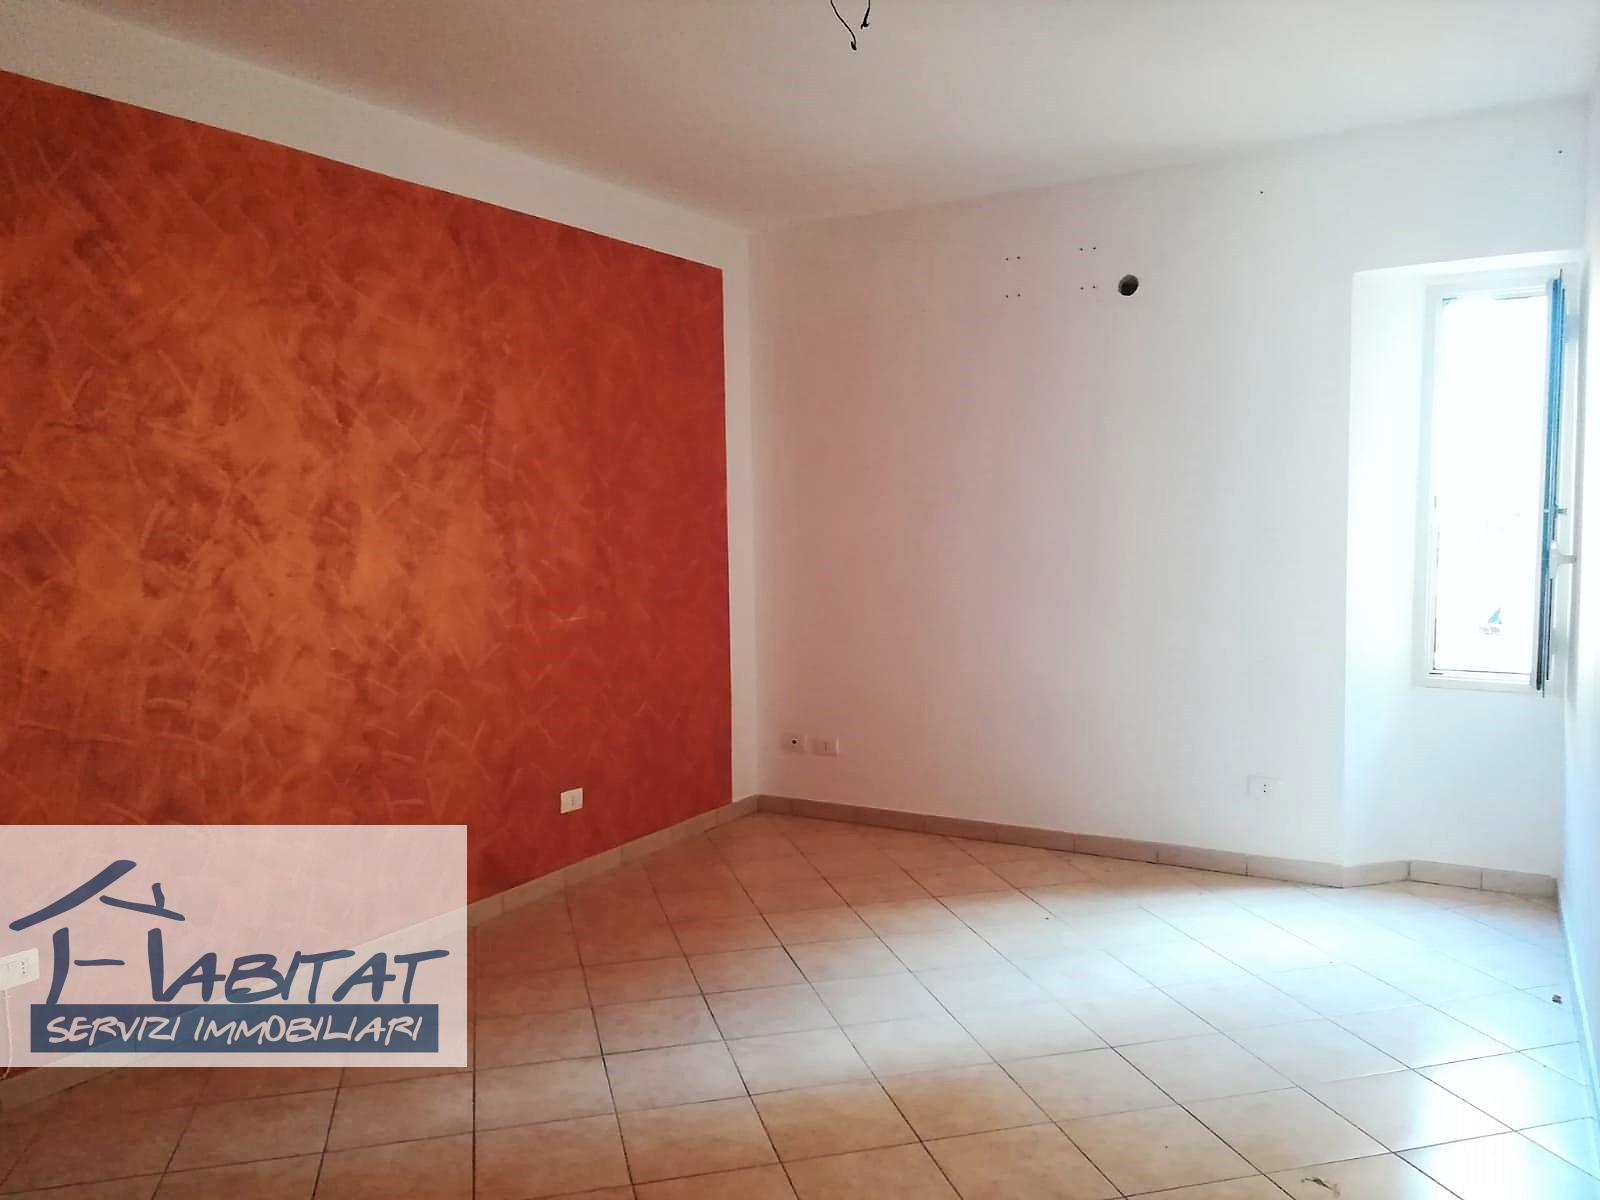 Appartamento in affitto a Agrigento, 3 locali, zona Zona: Centro, prezzo € 250 | CambioCasa.it